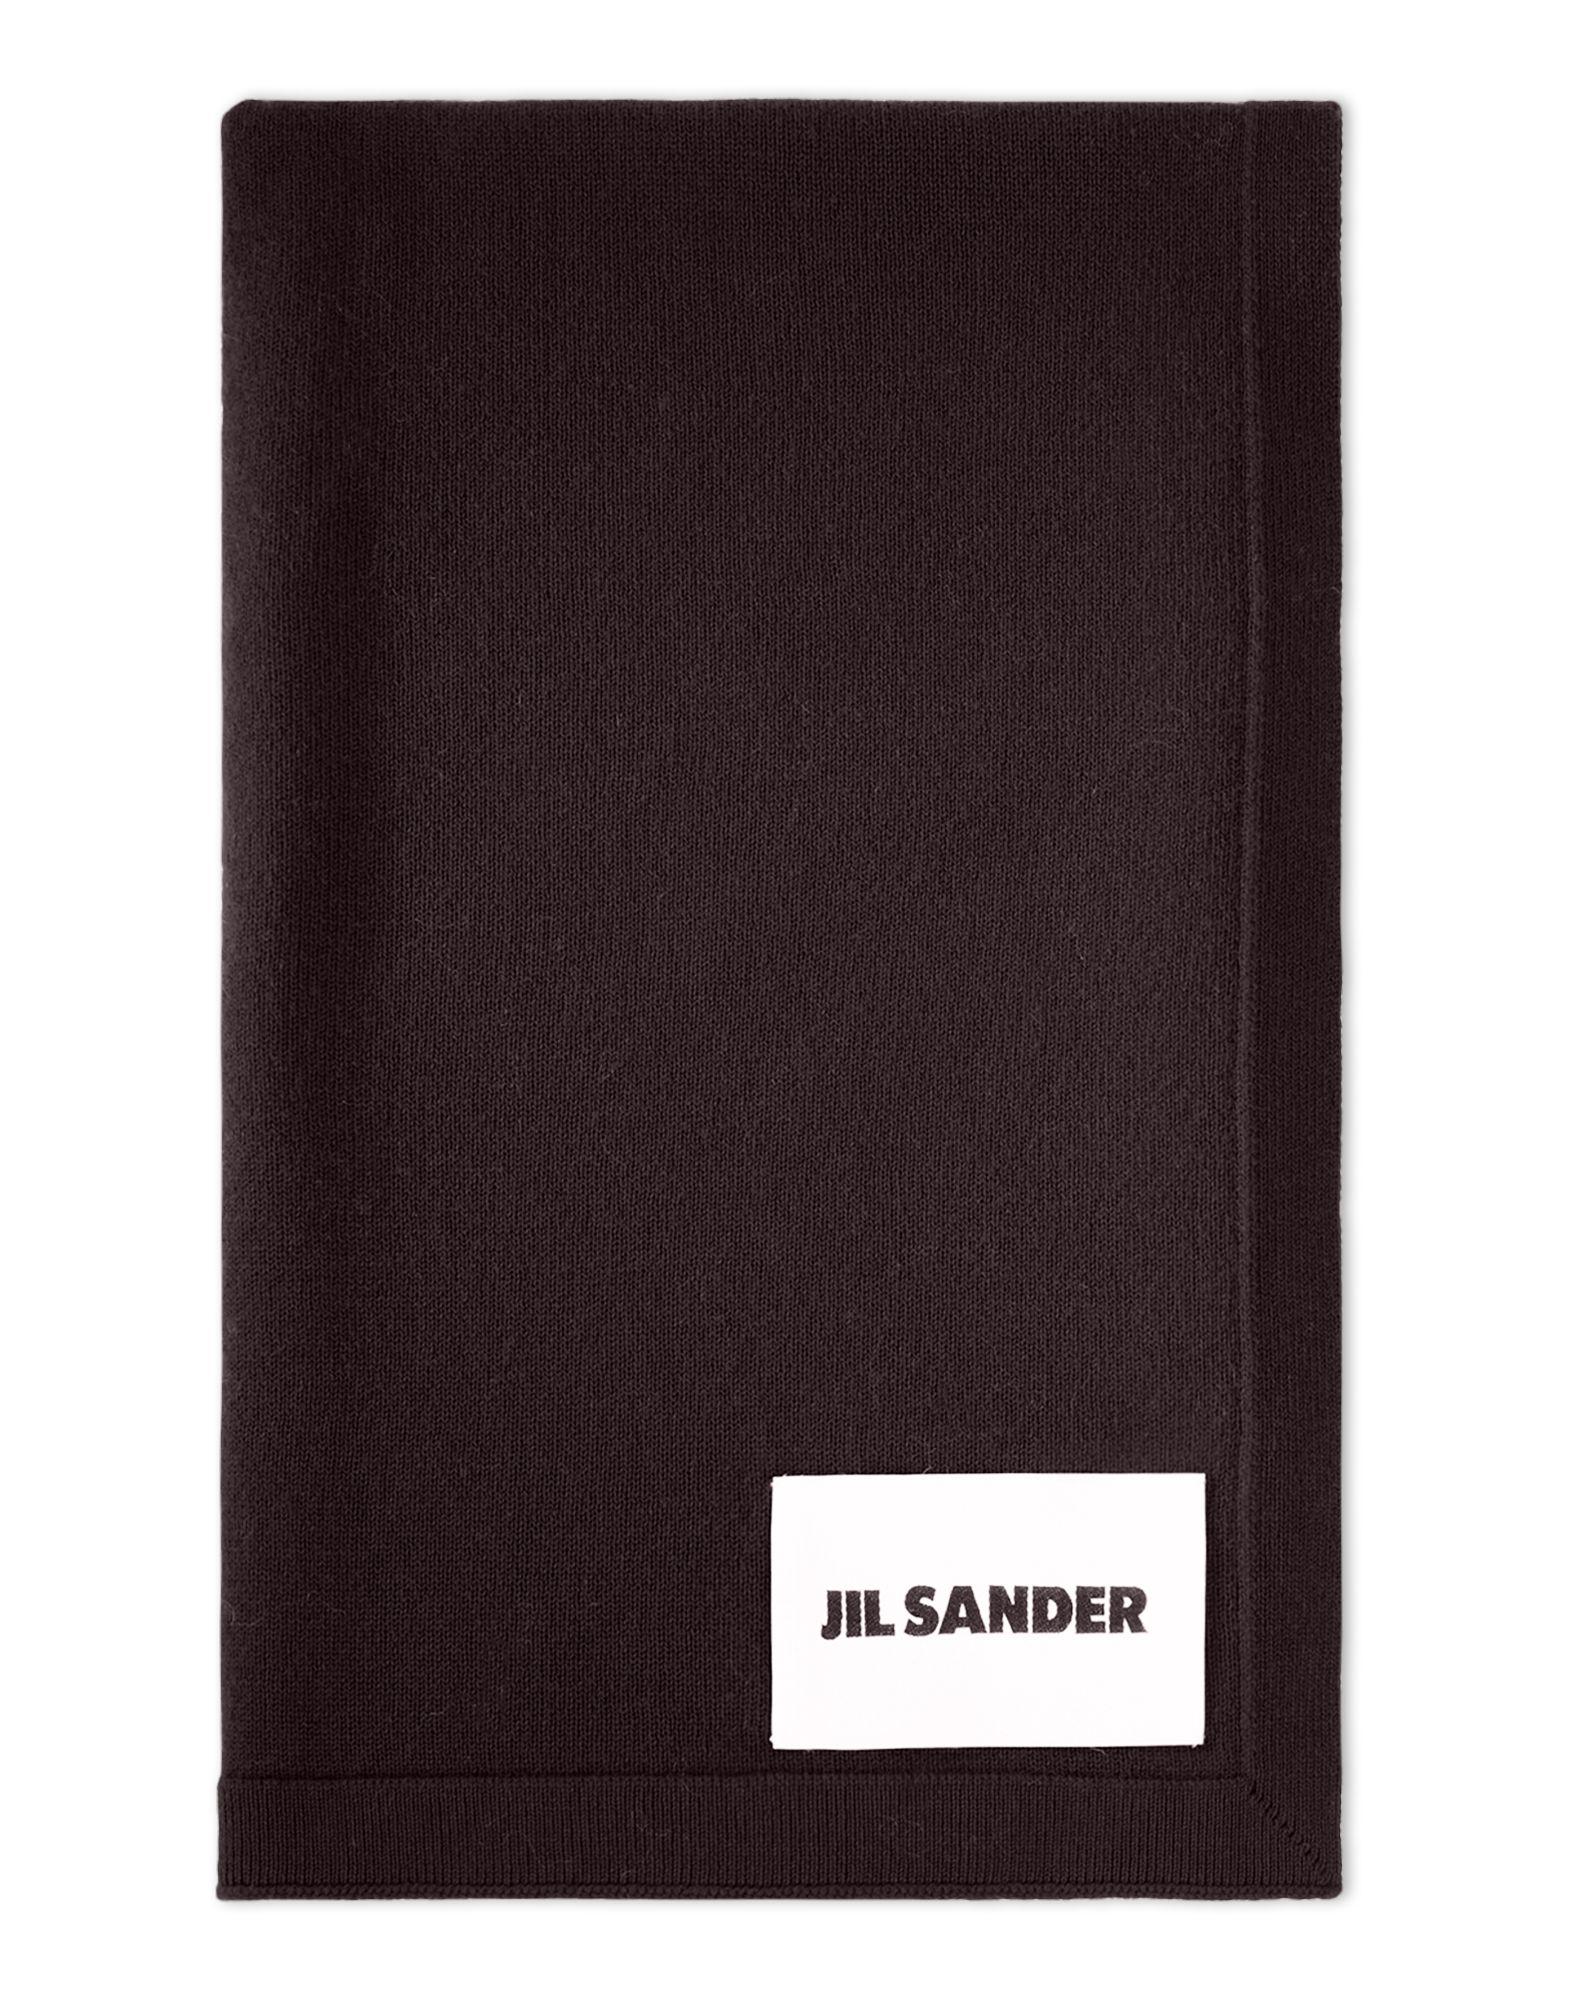 マフラー - JIL SANDER Online Store